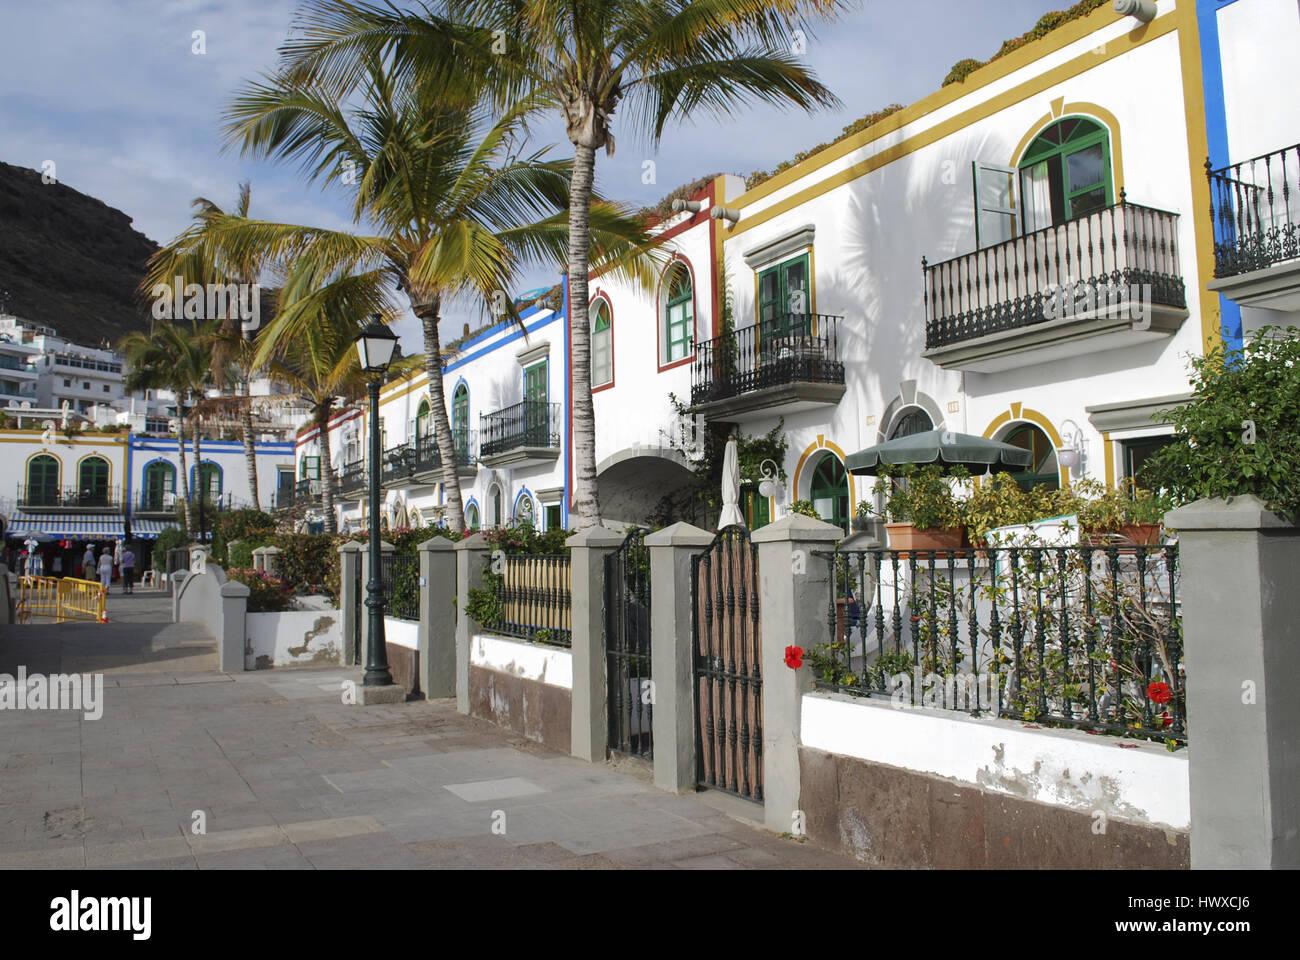 Weiße Häuser, Palmen, Blumen blühen in den Abendstunden. Blick auf die Straße, Puerto de Mogan, Gran Canaria, Spanien. Stockfoto